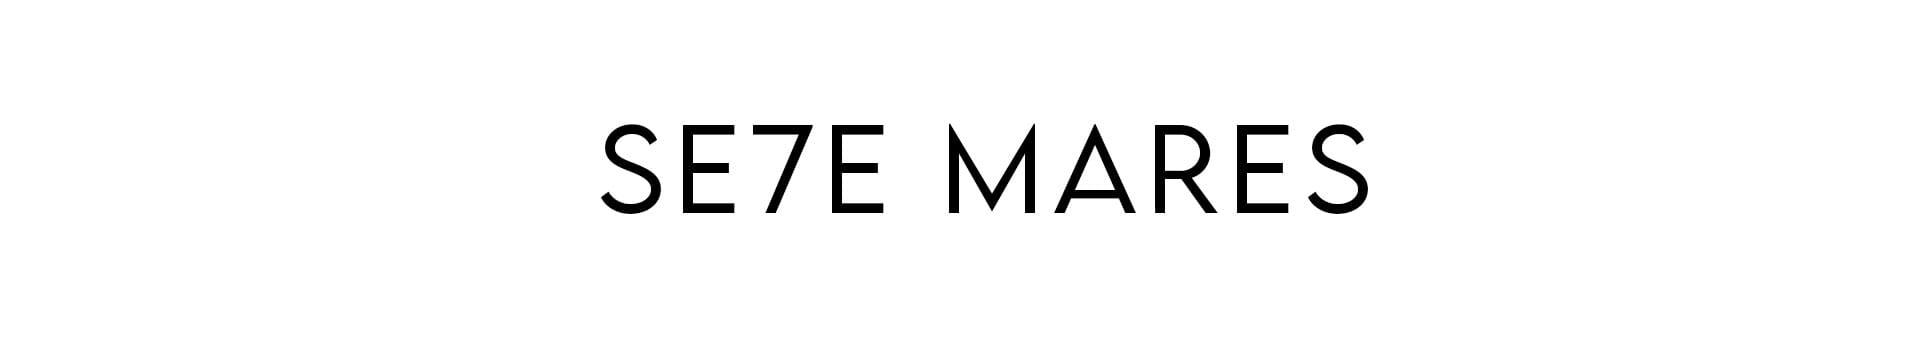 SE7E MARES